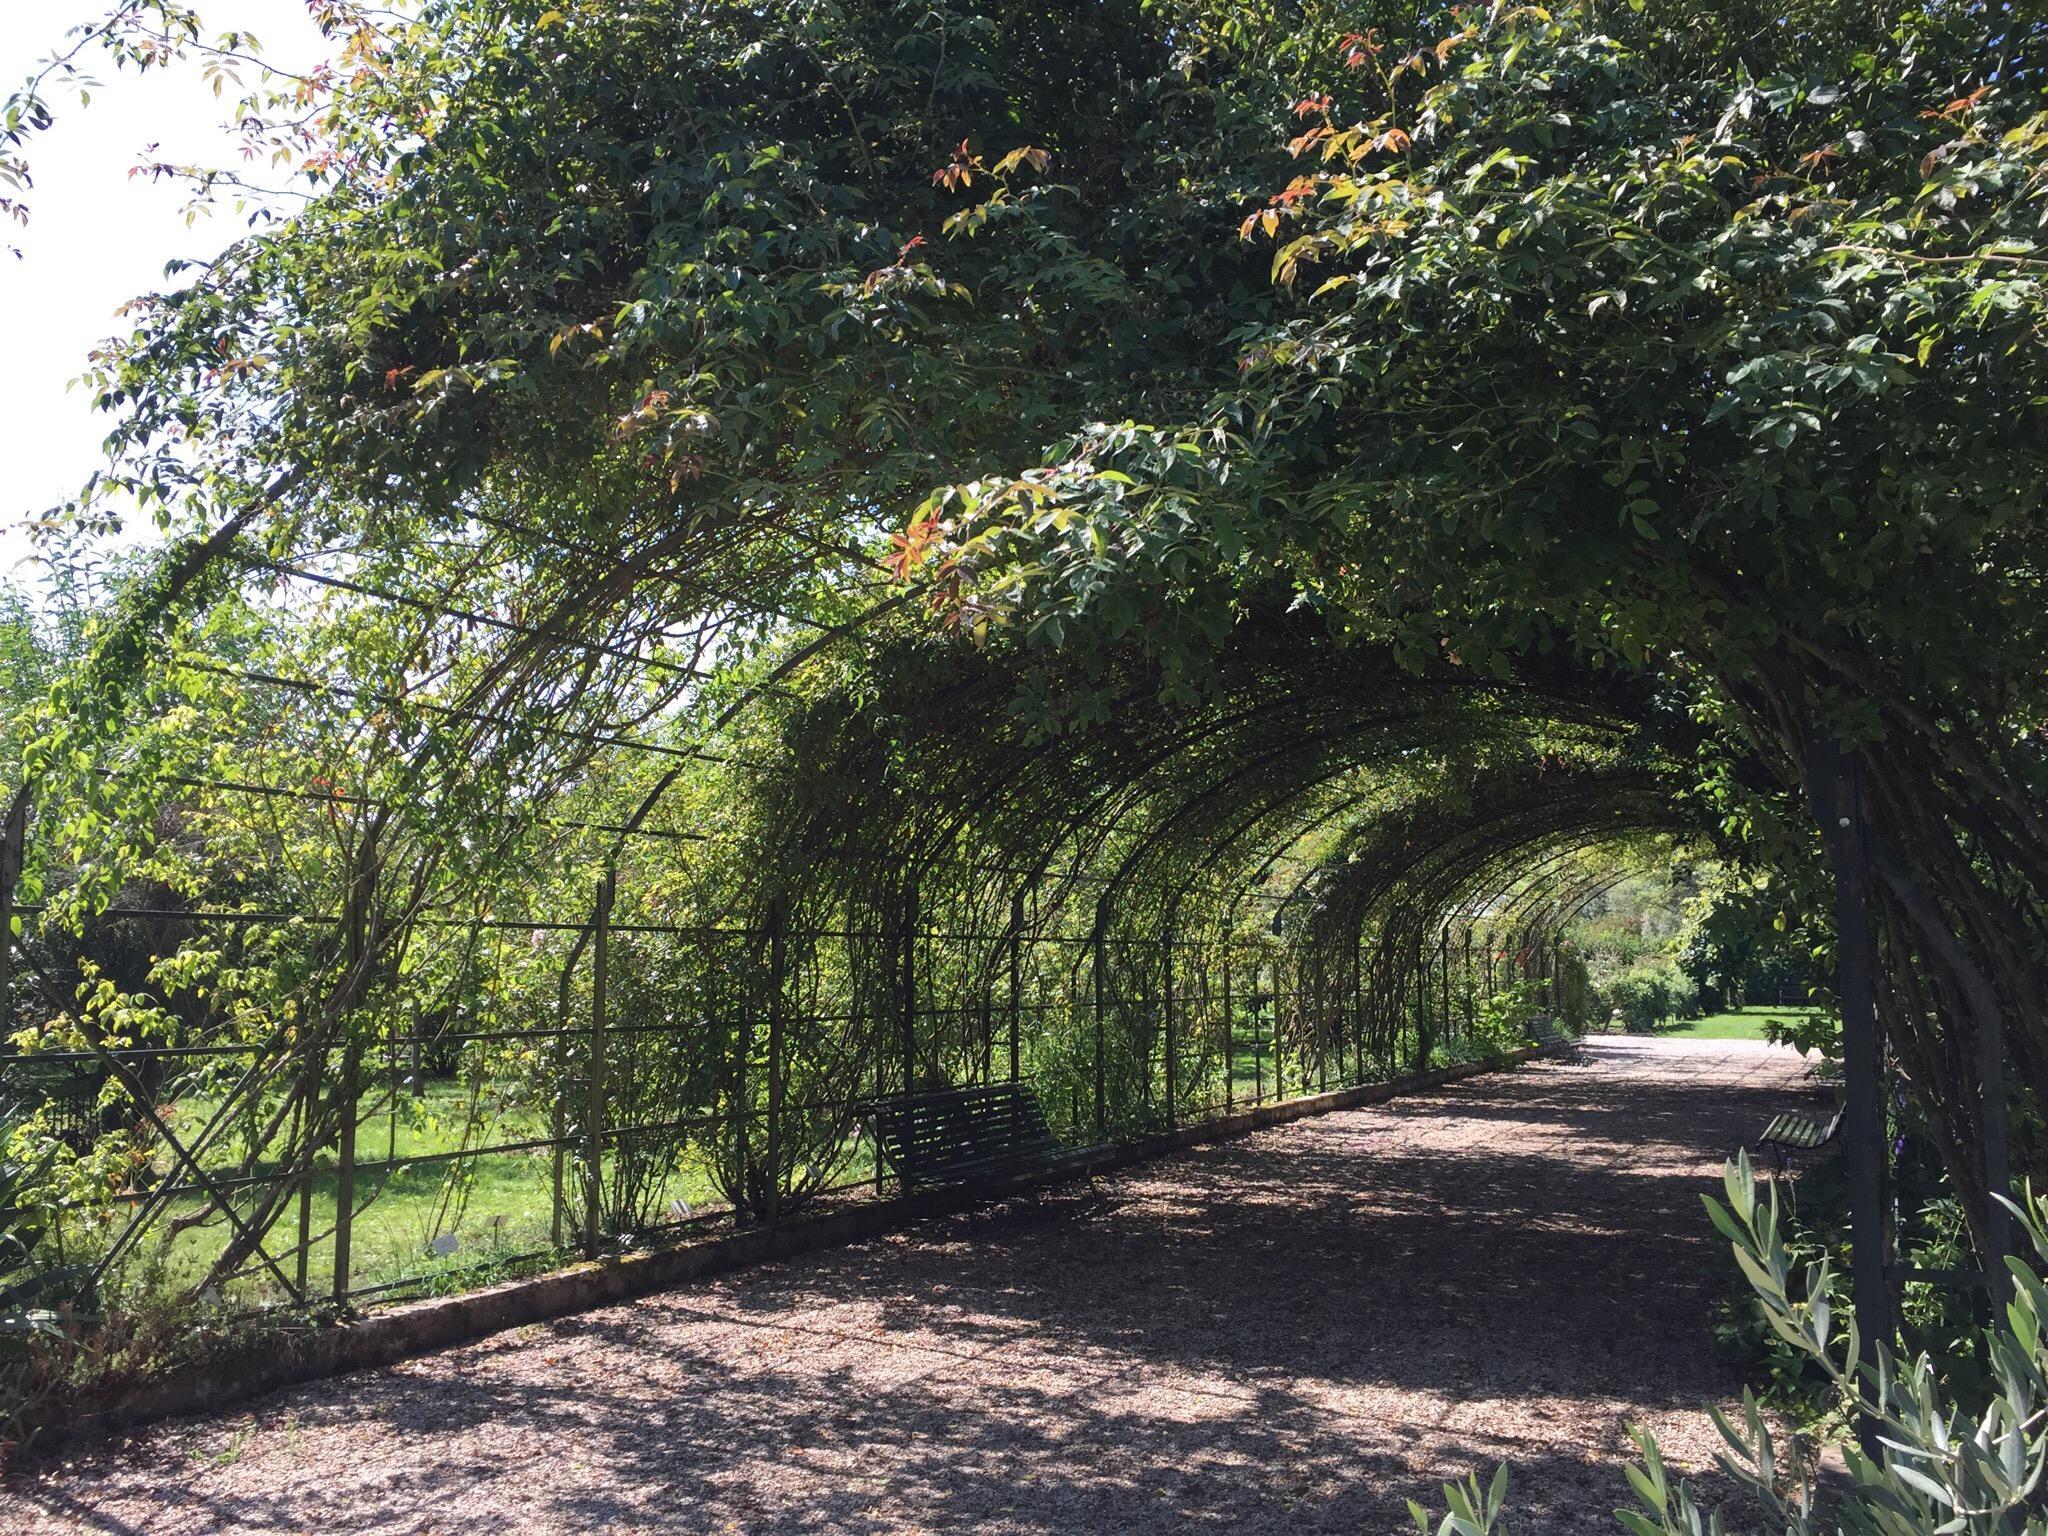 1529-jardin-botanique-marnay-sur-seine-aube.jpg